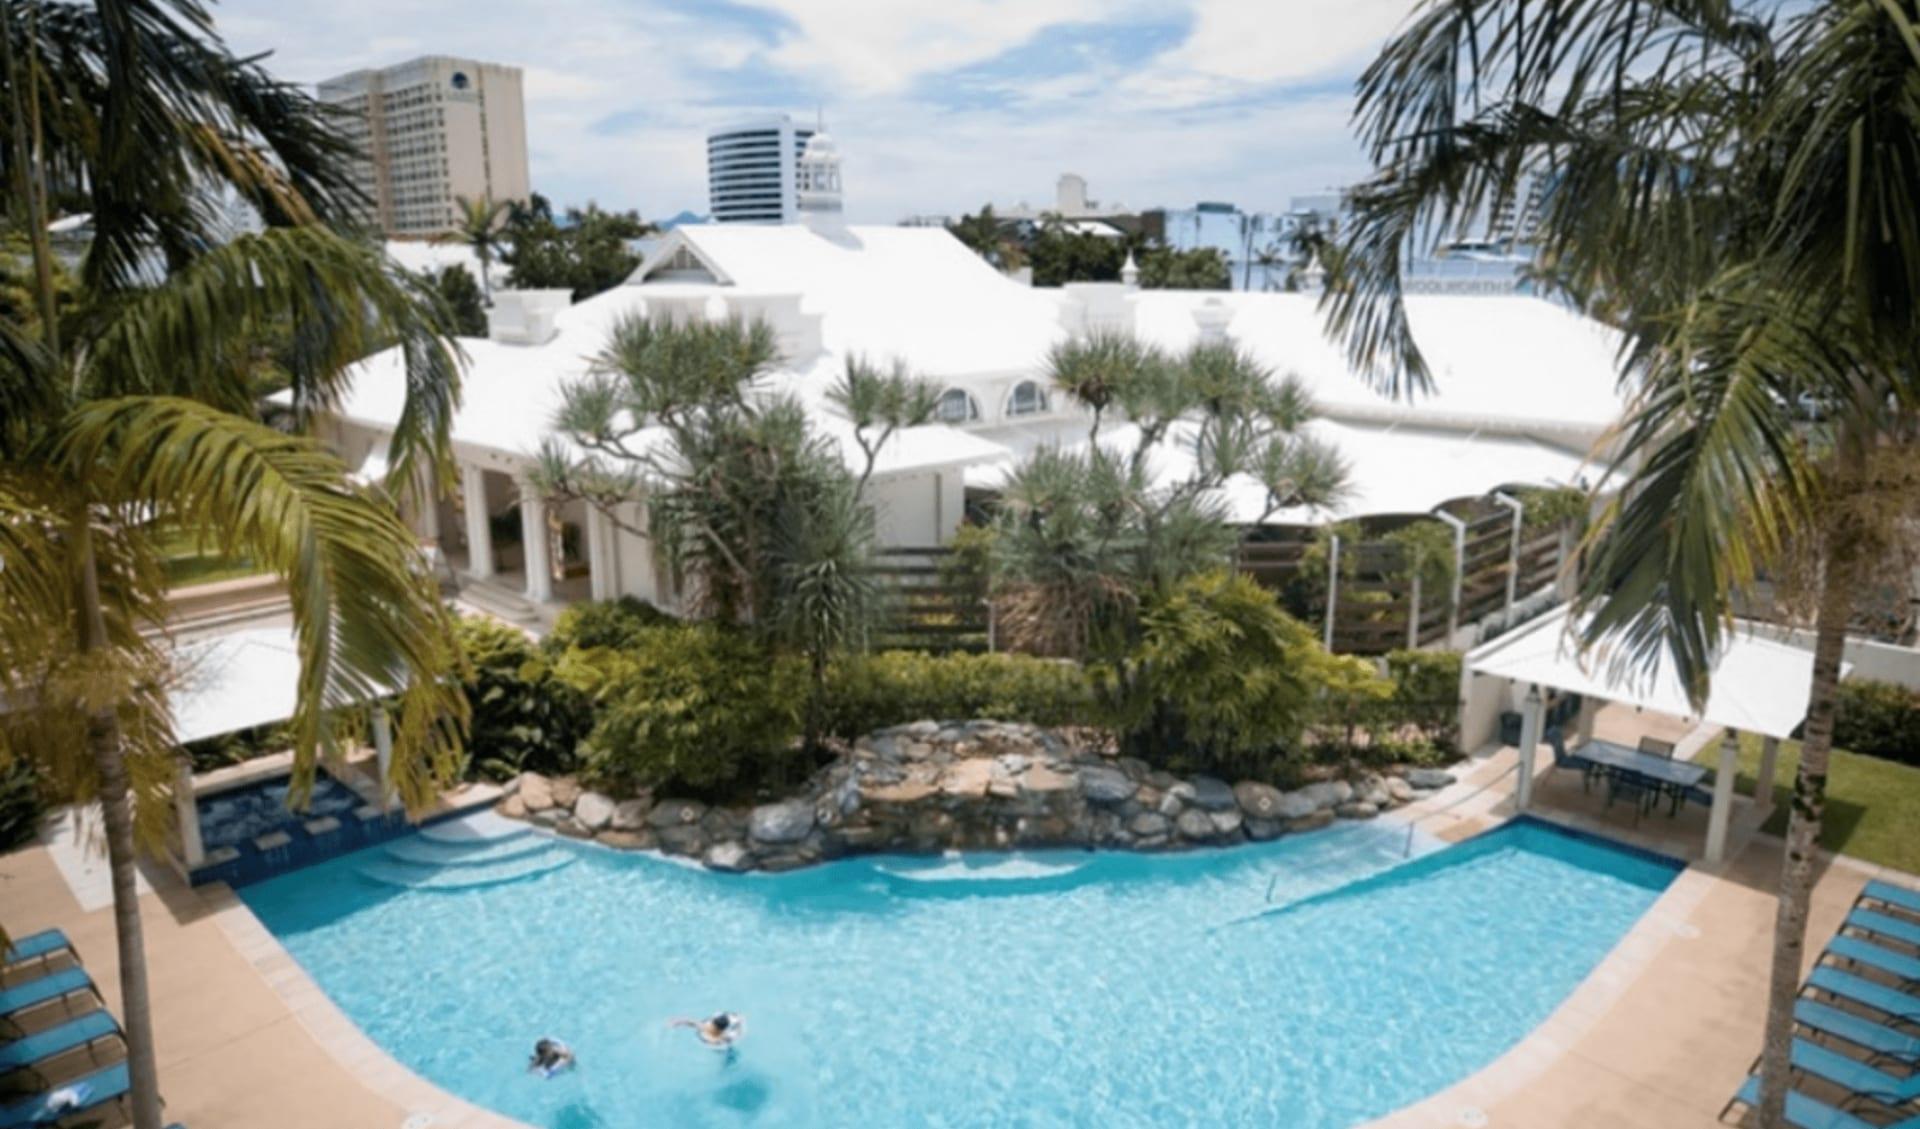 Mantra Esplanade in Cairns: Mantra Esplanade Pool